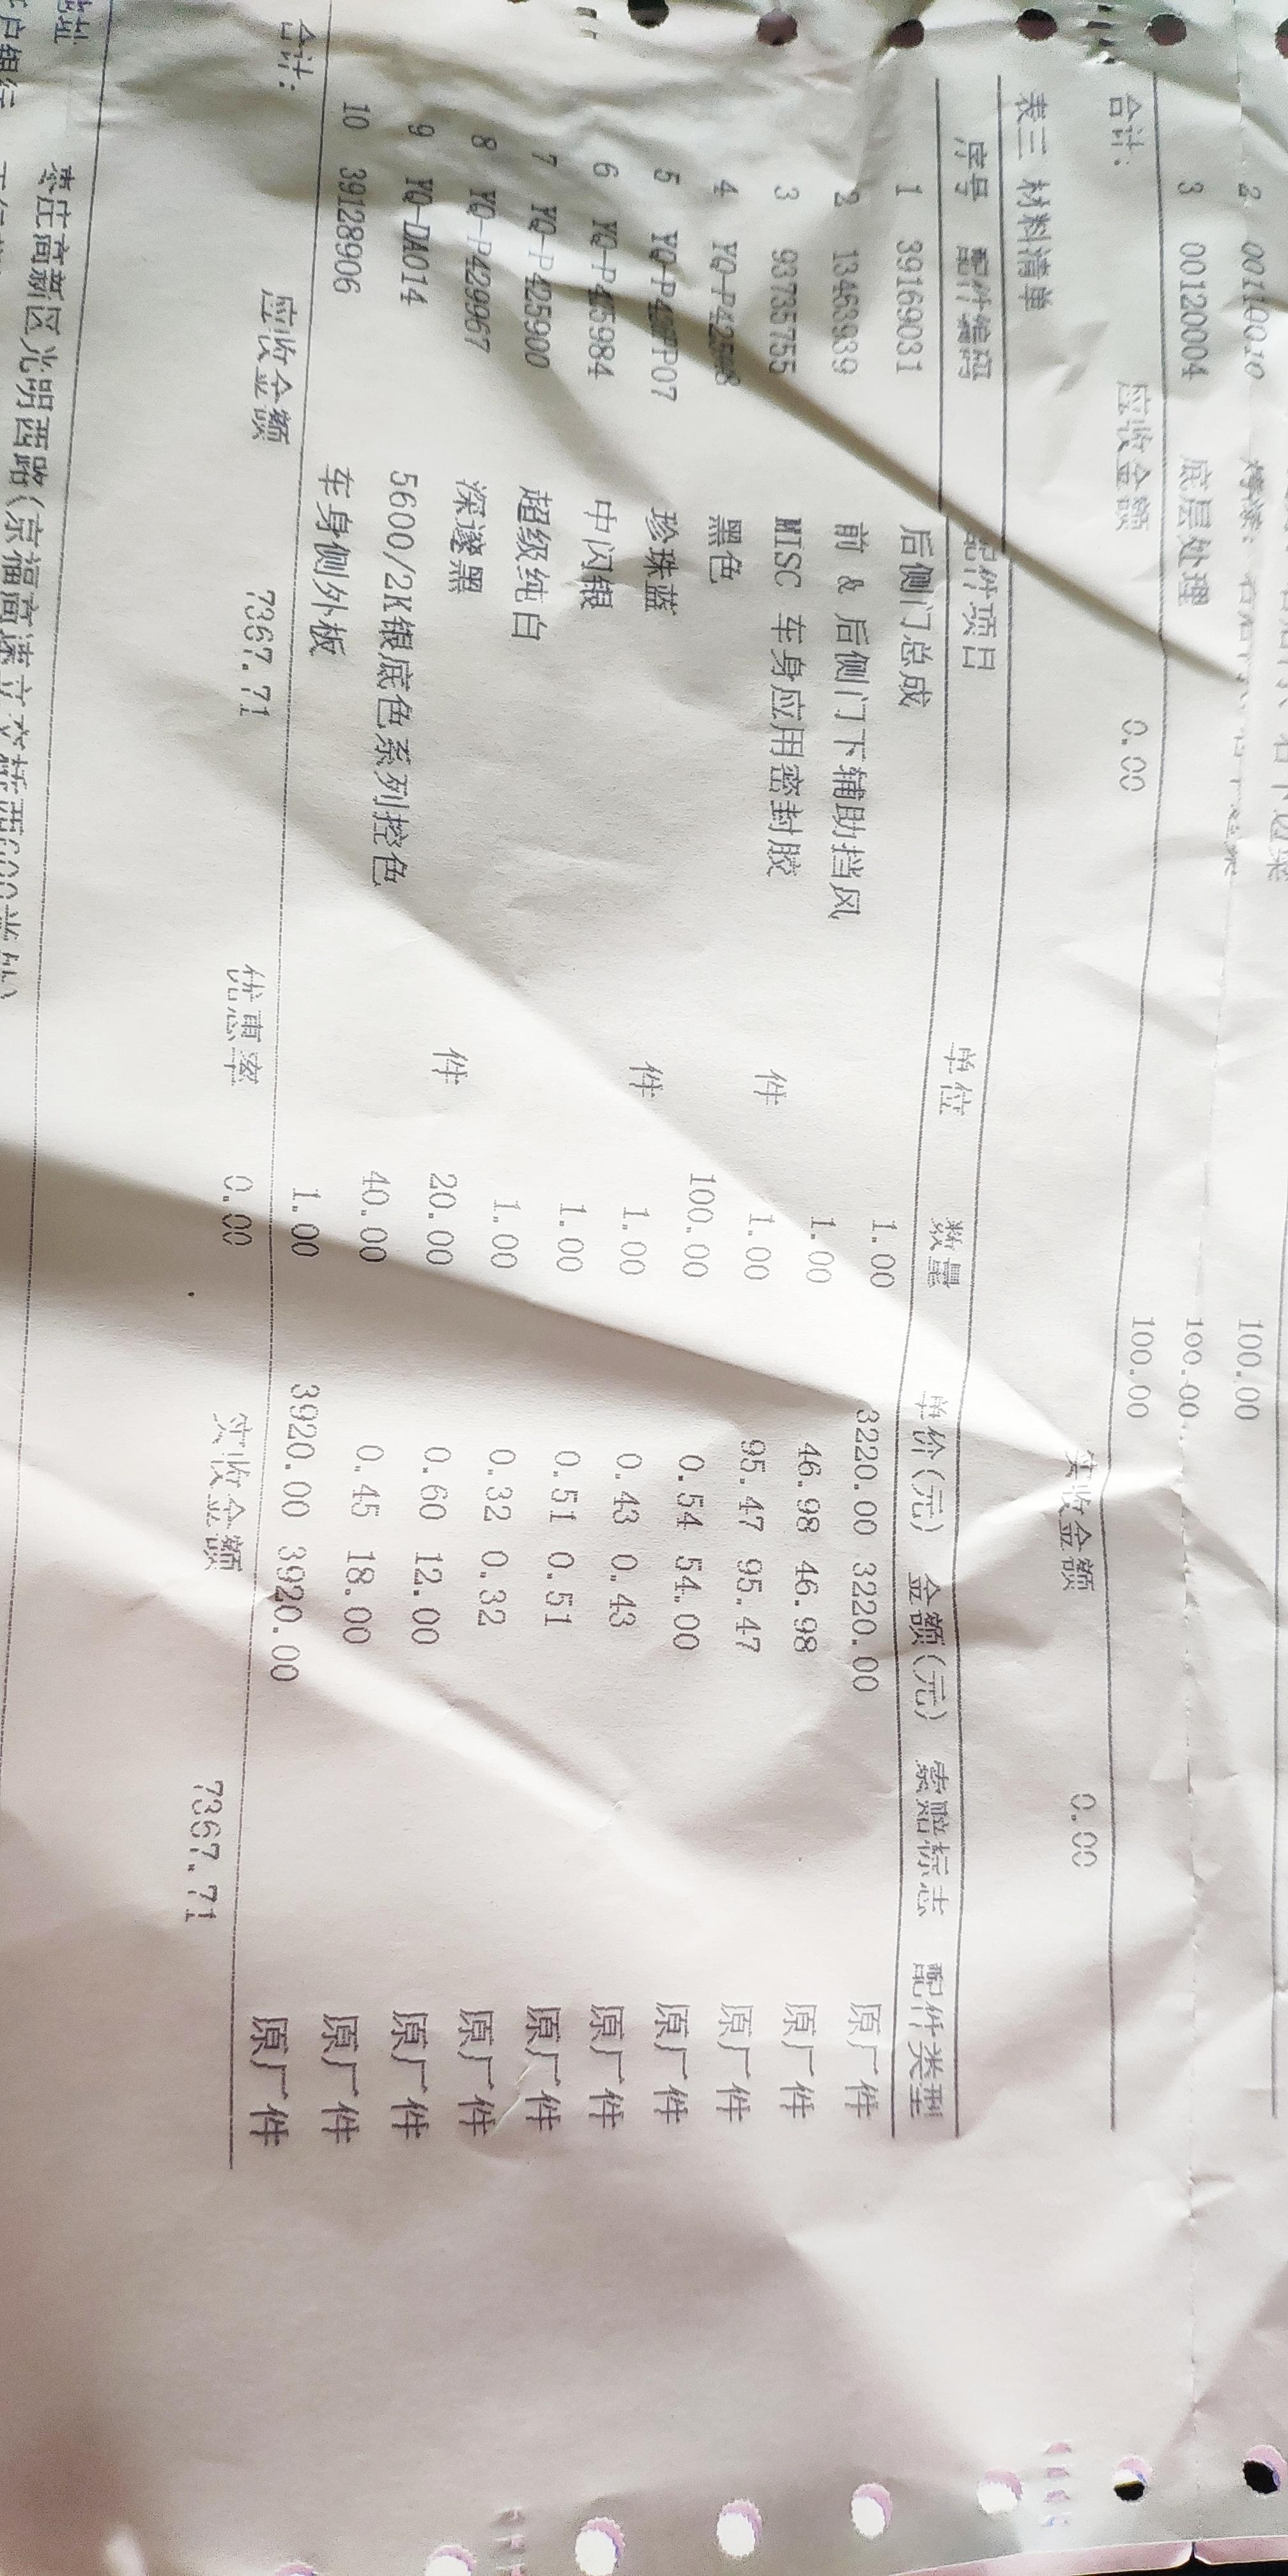 別克-君威 潤華別克4s欺瞞客戶,上汽通用別克不做處理